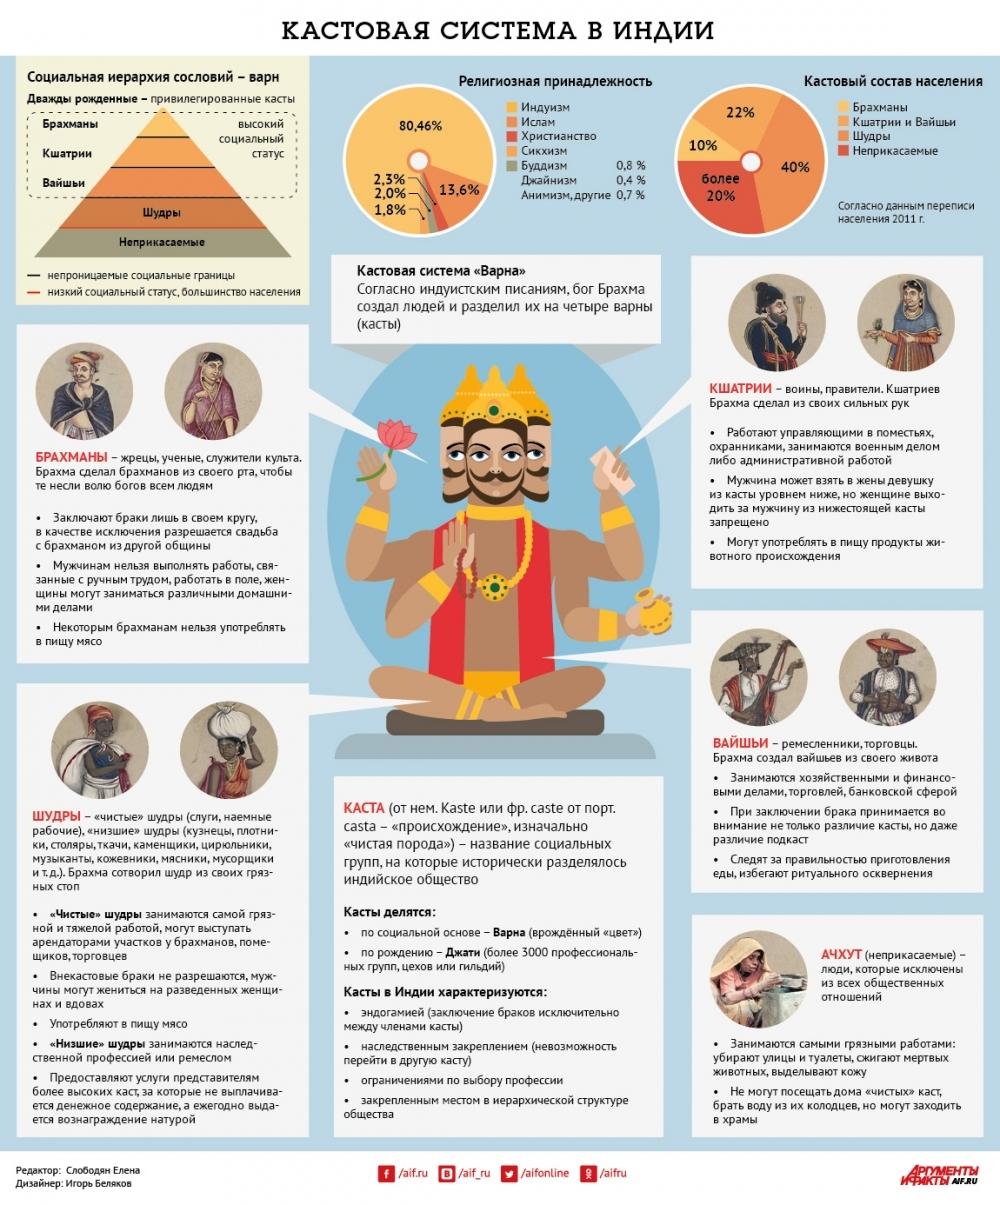 Касты в индии: мифы и реальные факты о кастовой системе